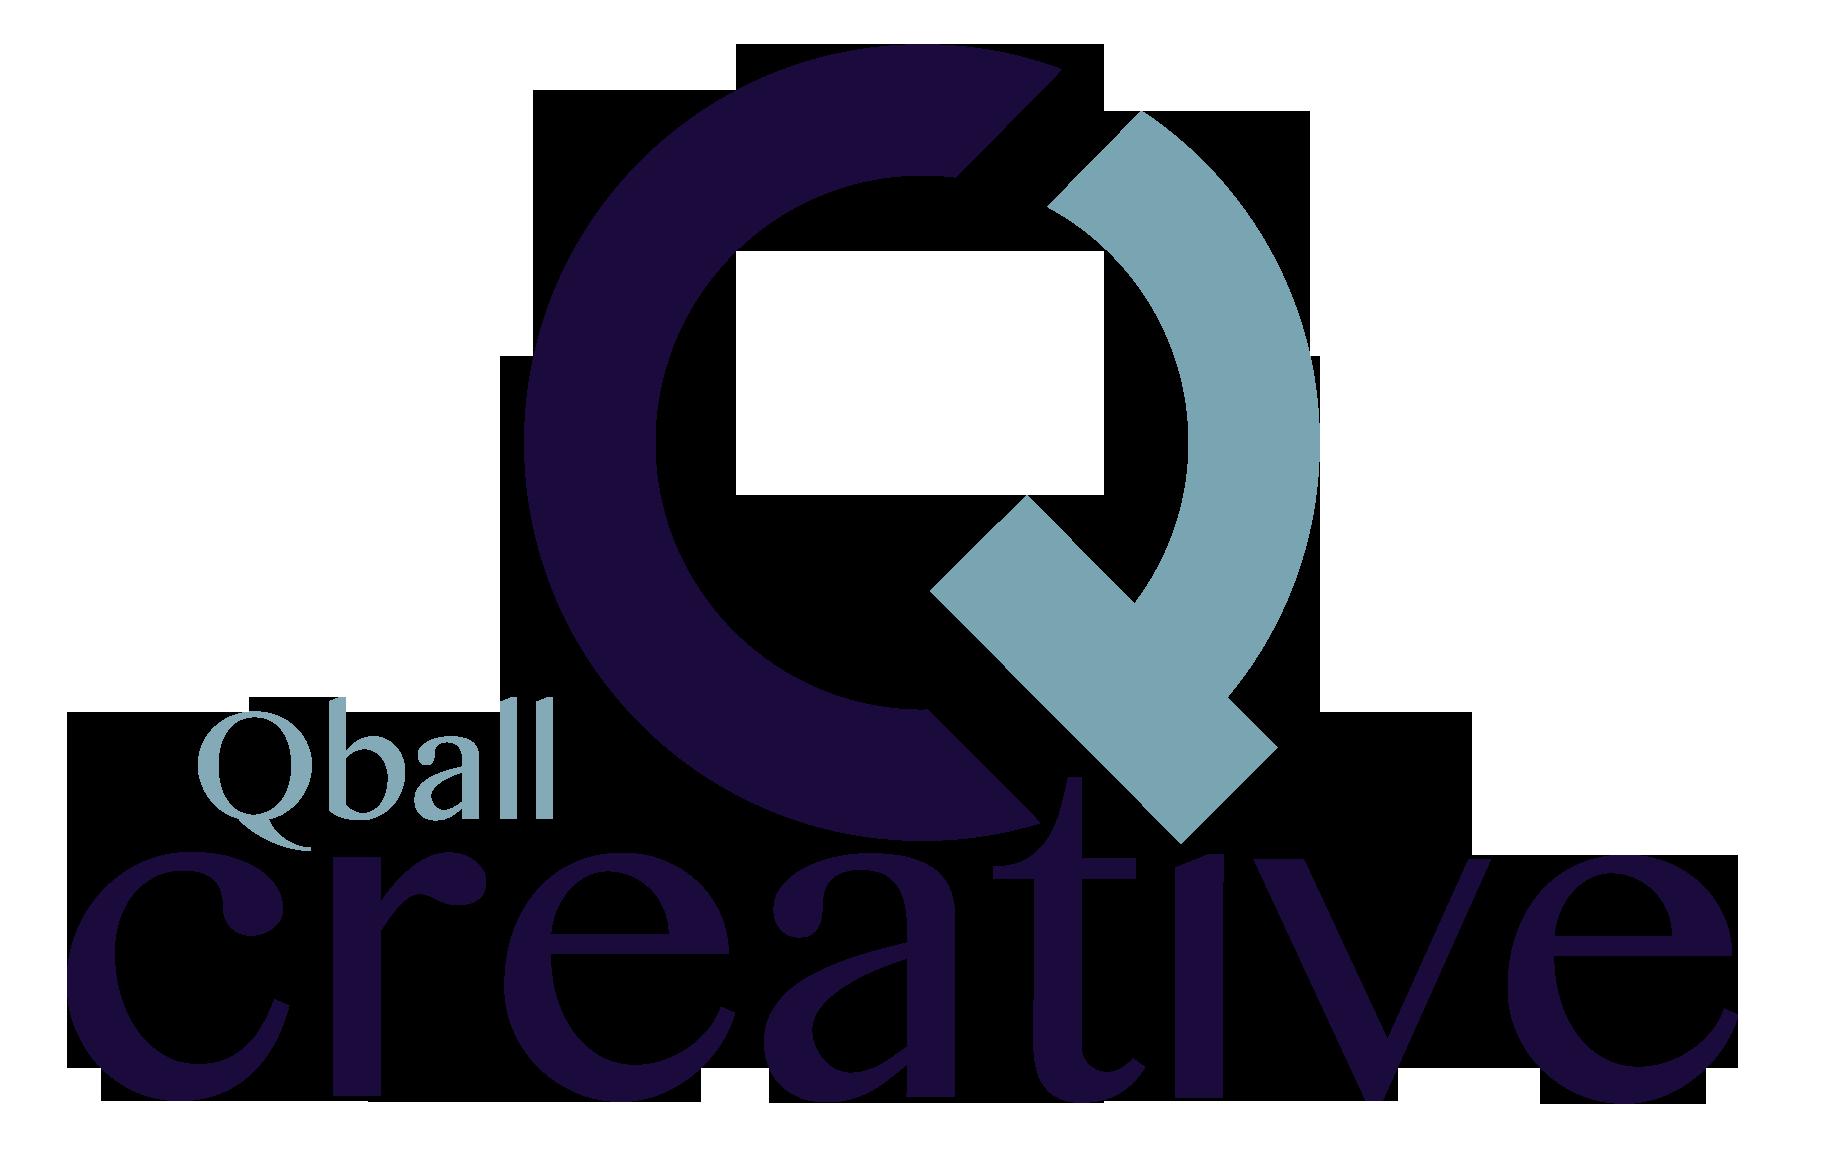 Q-ball Media Ltd